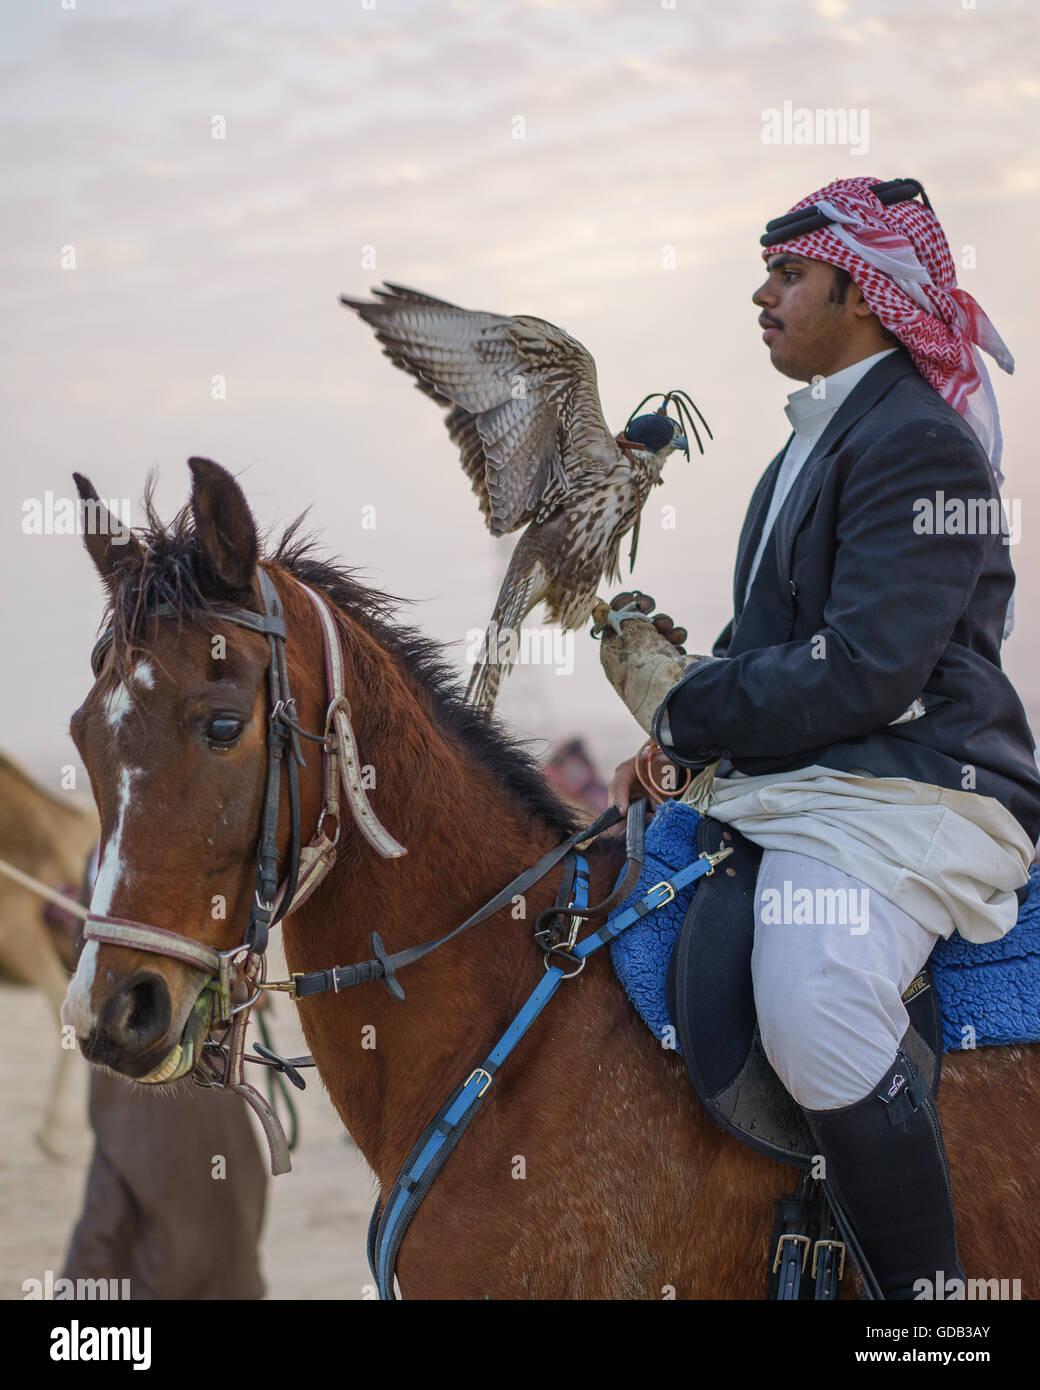 Jäger zu Pferde mit seinen Falken, Katar. Stockbild